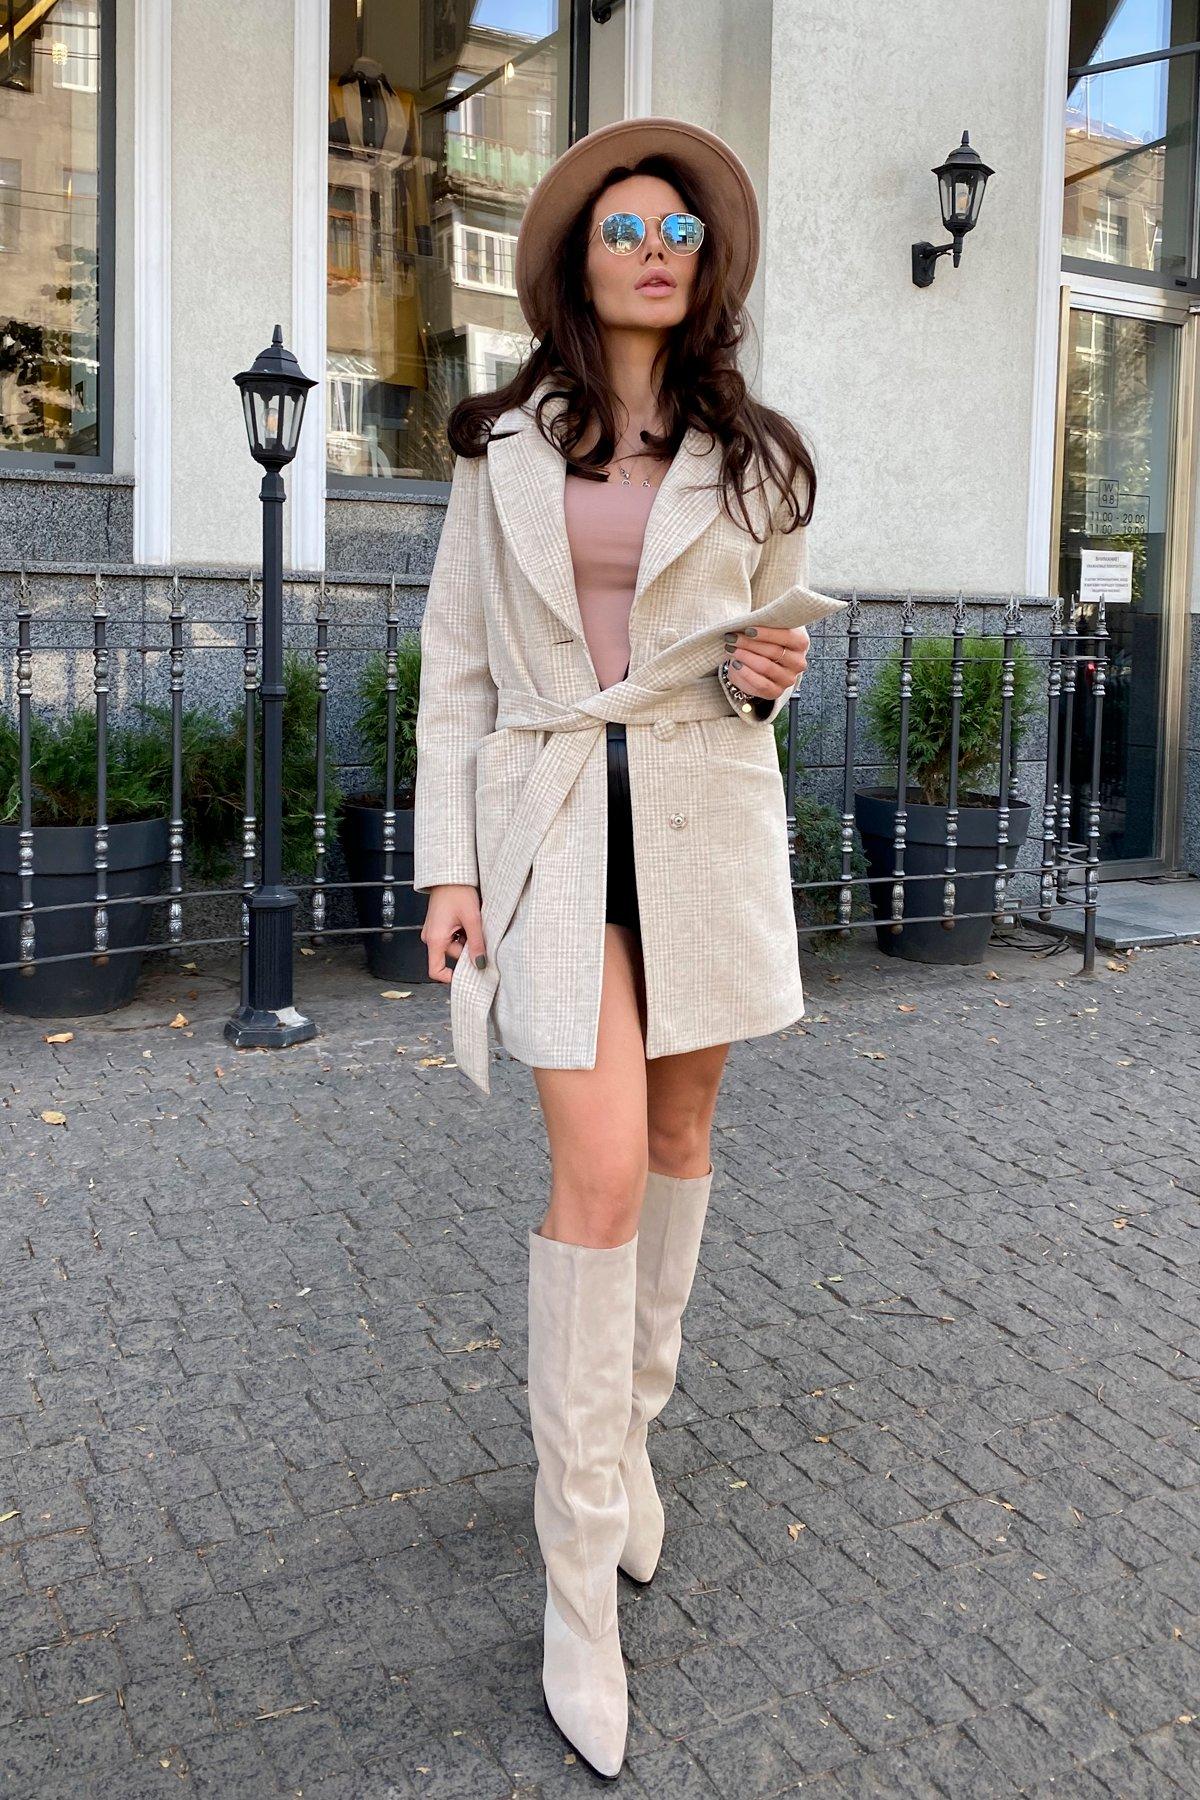 Вейсона кашемир на трикотаже текстурный пальто 9872 АРТ. 46160 Цвет: Бежевый/молоко - фото 5, интернет магазин tm-modus.ru